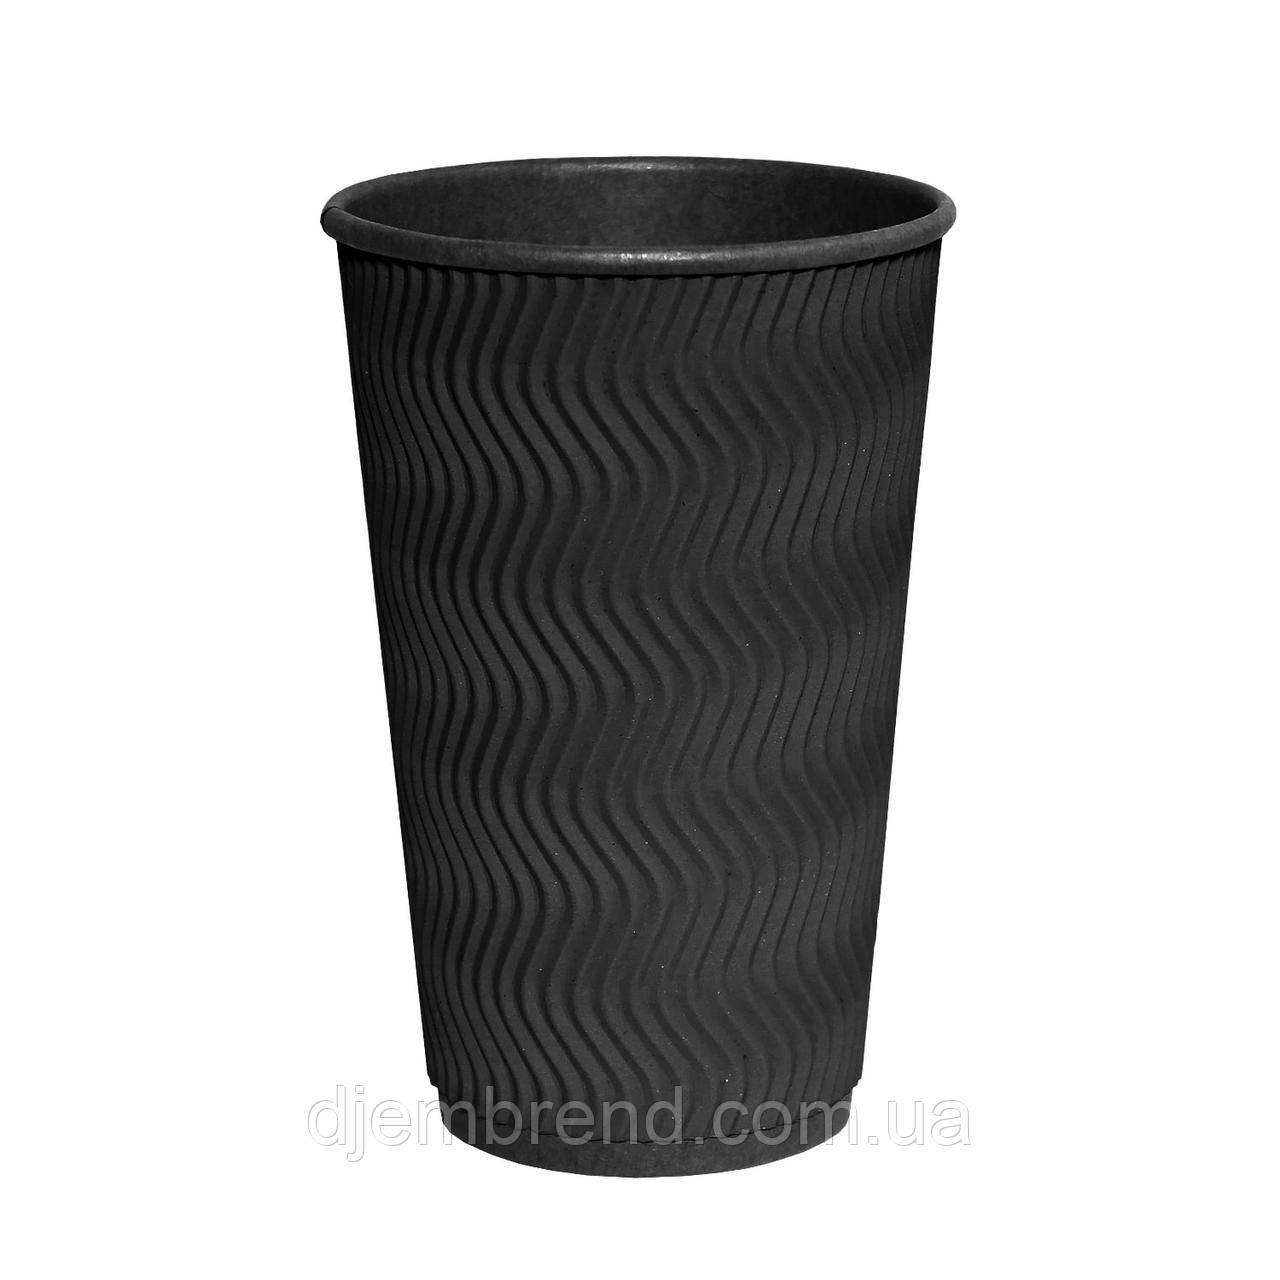 Стакан паперовий гофрований Double Black хвиля 350мл. (8oz) 30шт/уп (1ящ/20уп/500шт)